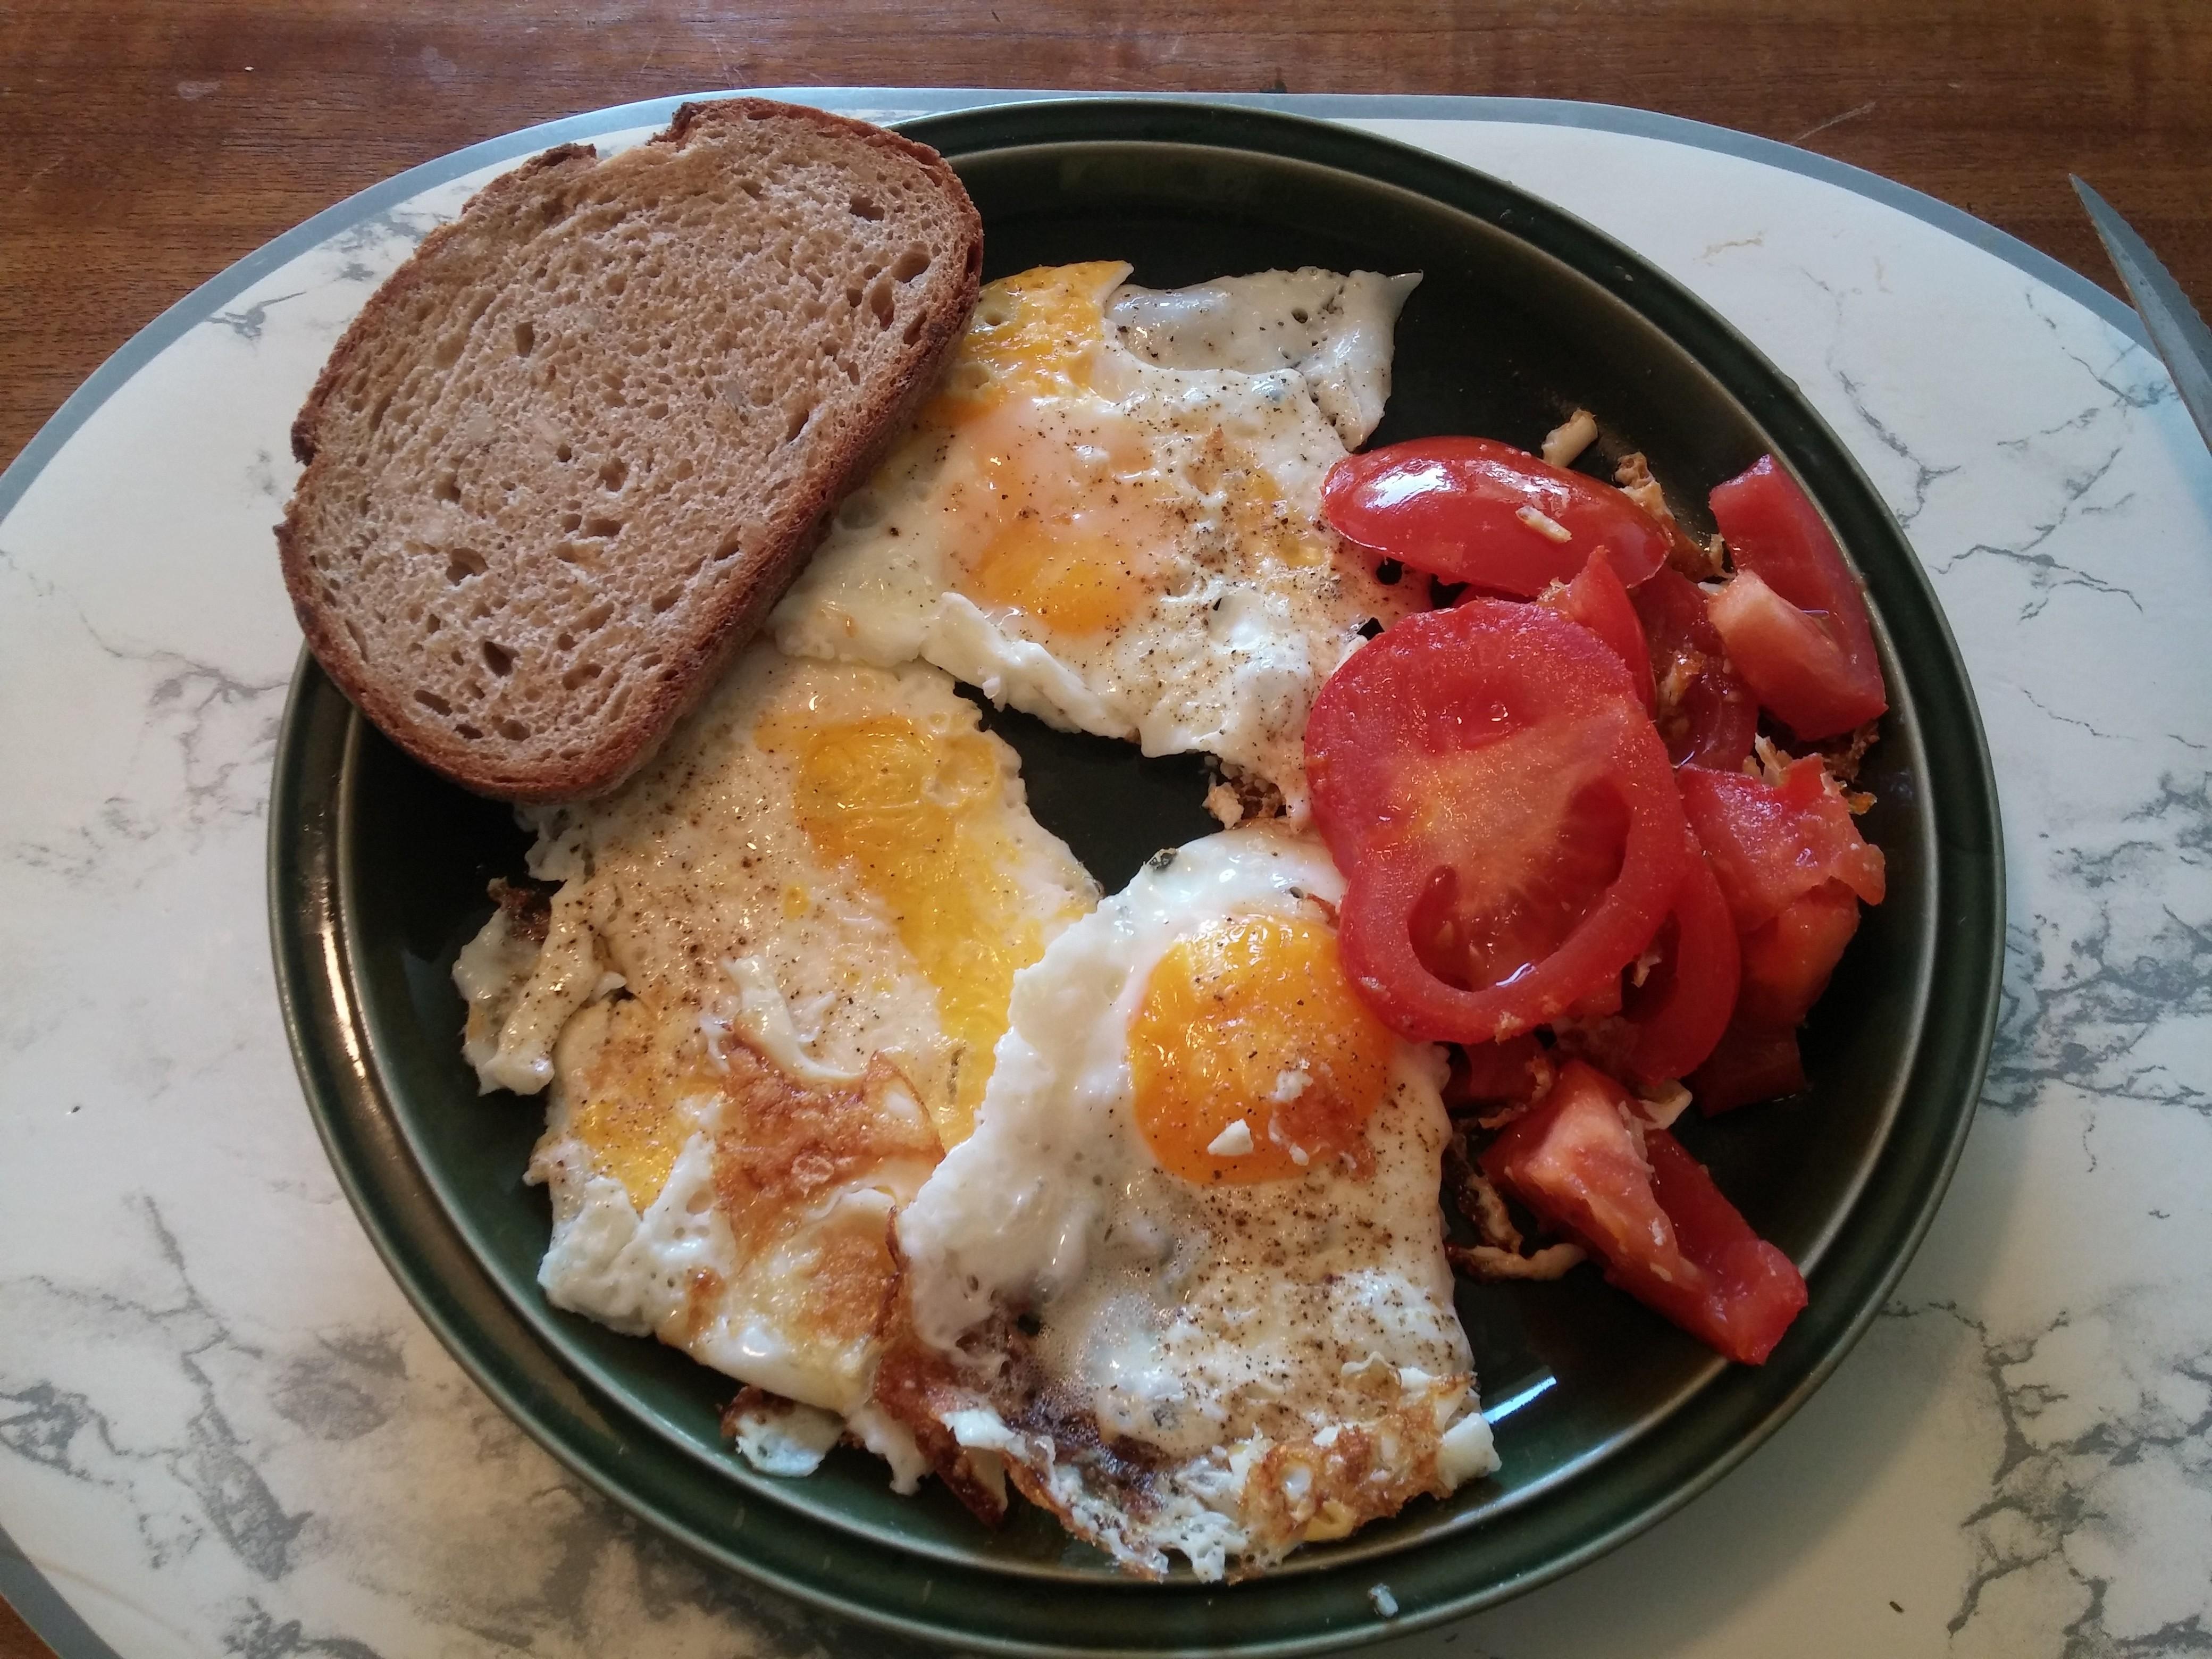 https://foodloader.net/nico_2015-08-21_spiegeleier-mit-tomate-und-brot.jpg